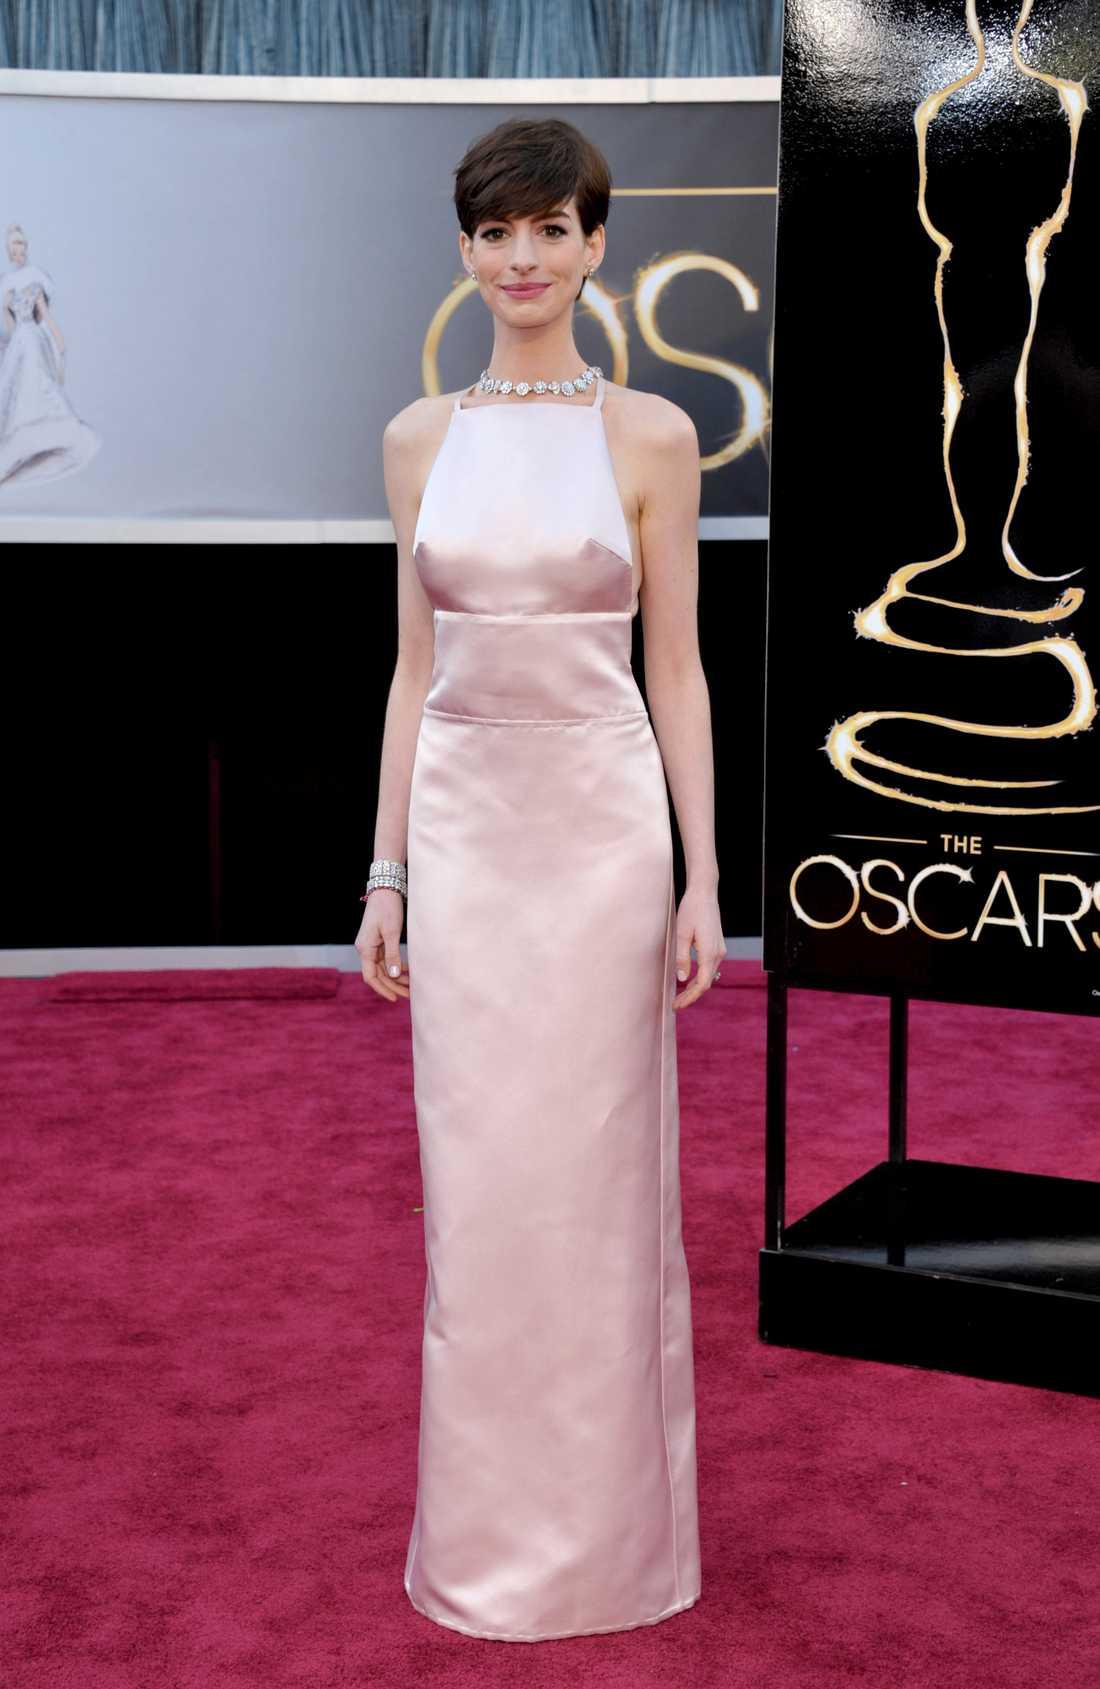 Anne Hathaway Anne är en drottning av det enkla. Här klädd i en fläckfri Prada och det är svårt att säga något annat än: elegant! Men är det lite väl säkert och anonymt? 3 plus.